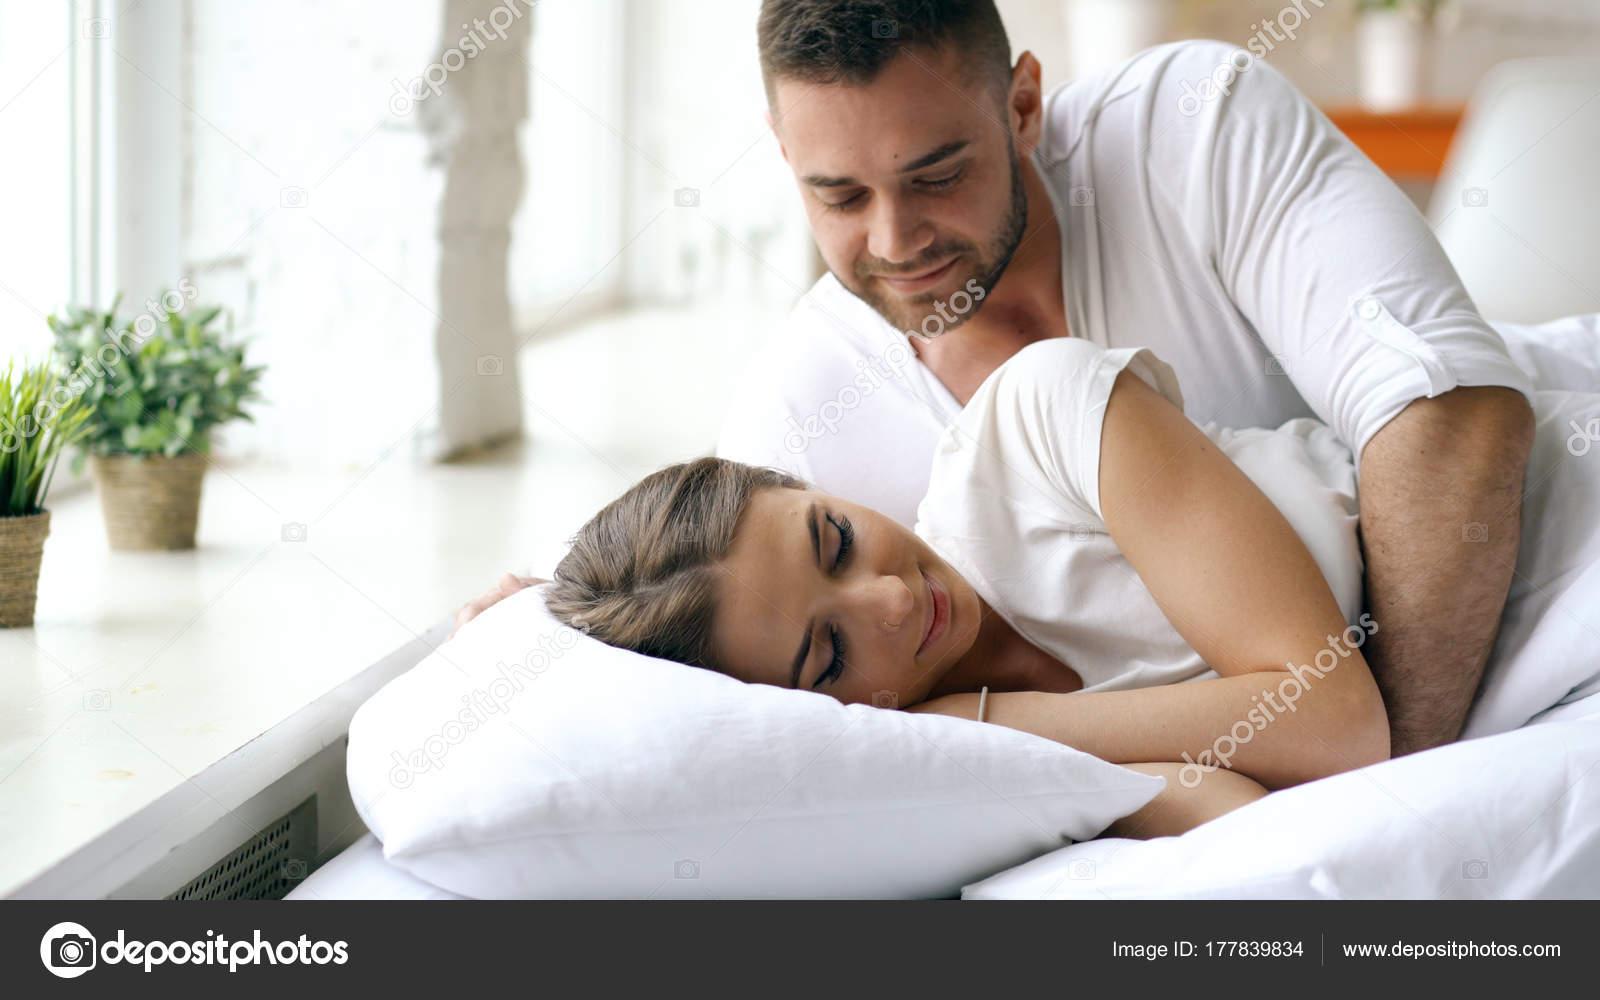 Giovane Coppia Bella E Amorevole Si Sveglia Al Mattino Uomo Attraente Bacio Abbraccio La Moglie A Letto Foto Di Silverkblack